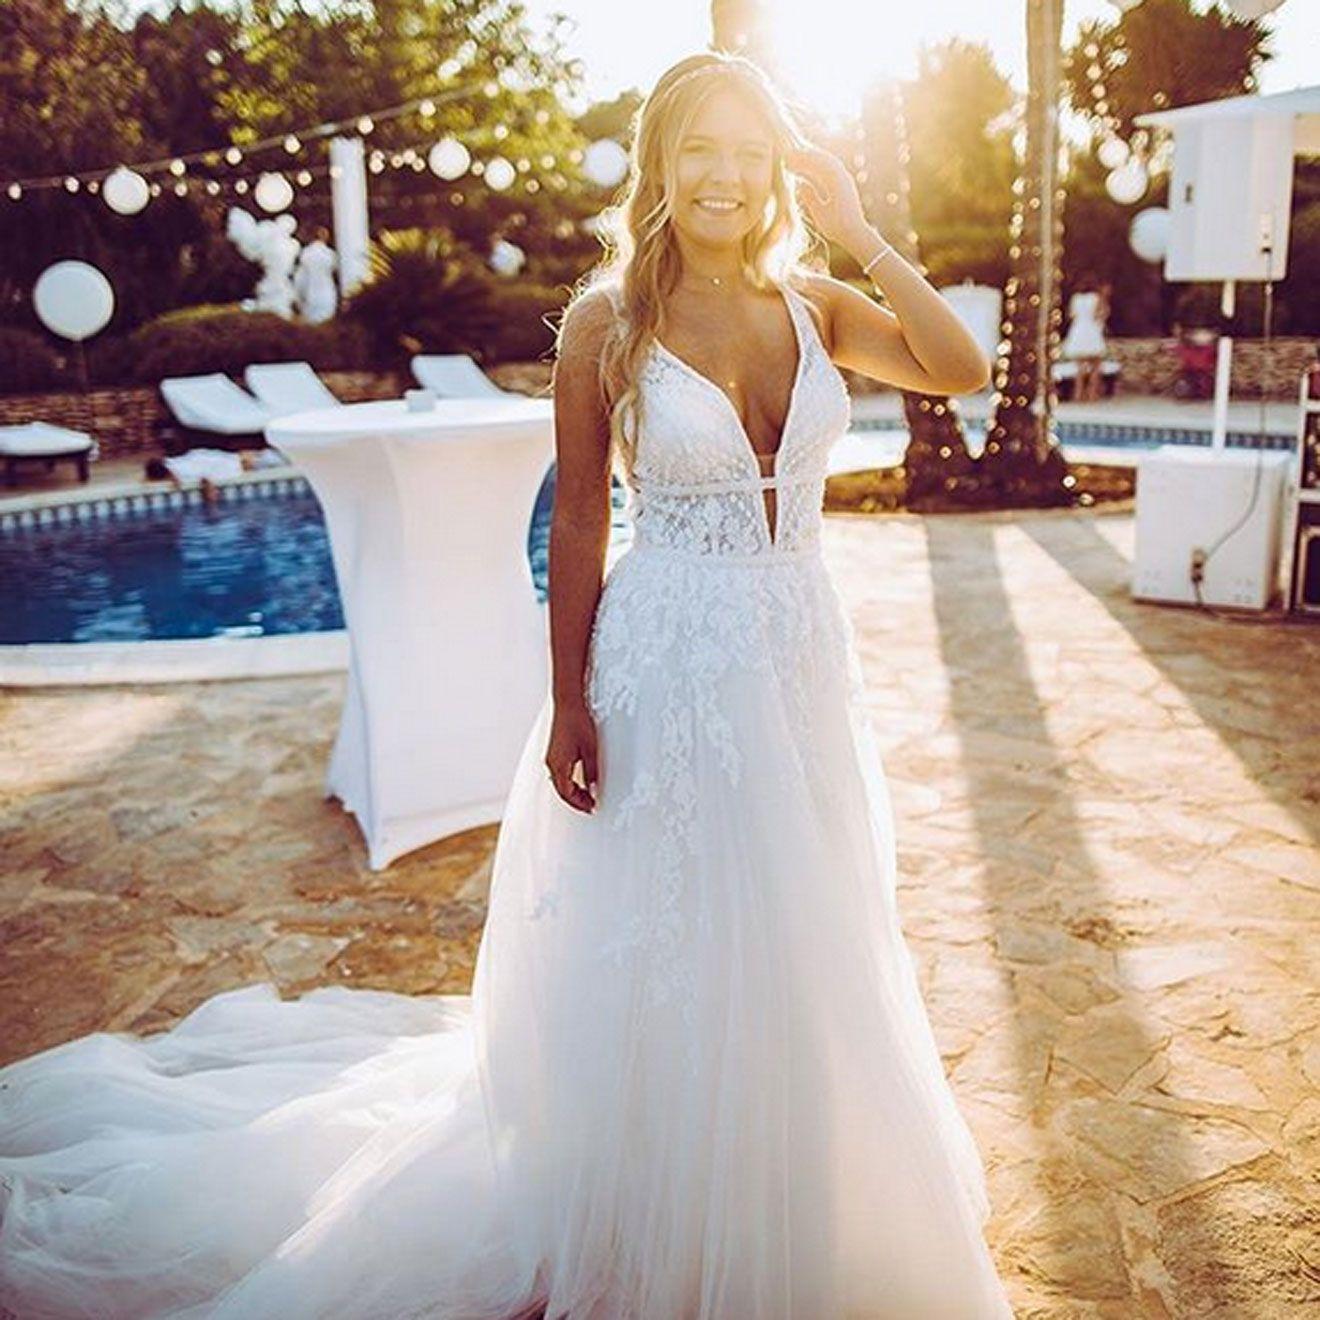 Motsi mabuse hochzeitskleid  Motsi Mabuse heiratet auf Mallorca